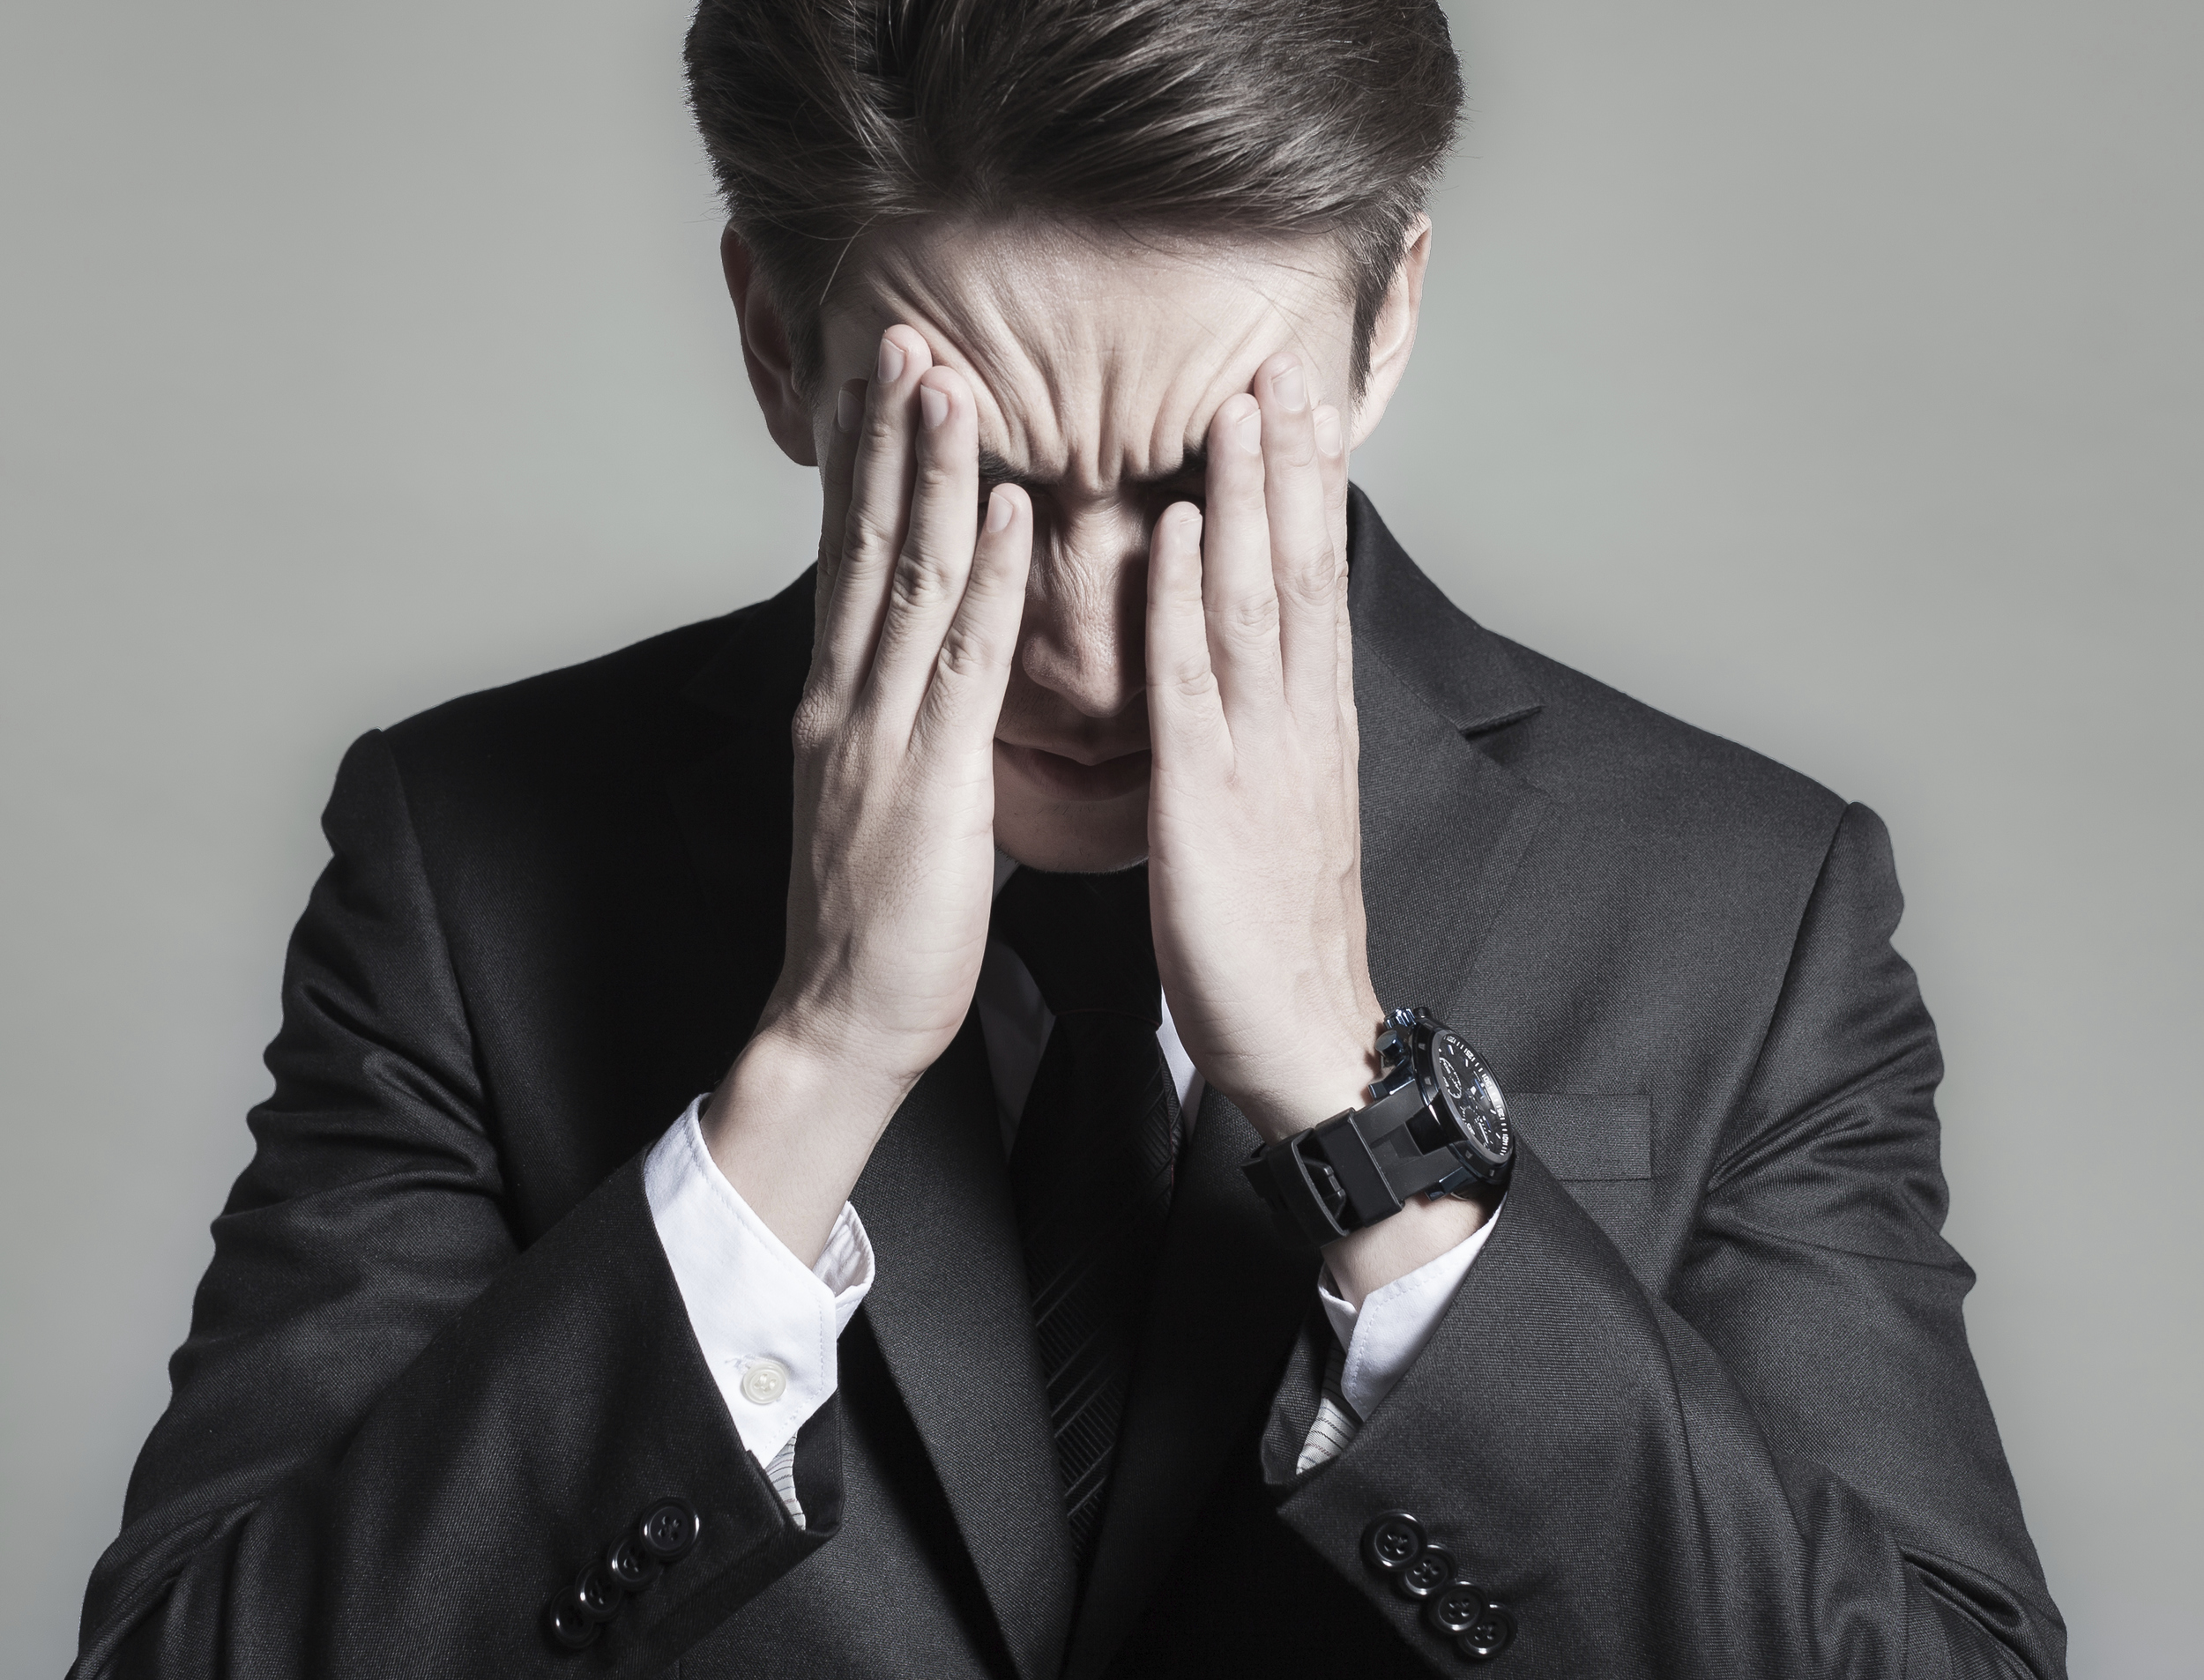 Waarom kan mijn sales team geen resultaten geven inplaats van excuses!?   Peterson Company kan u helpen!